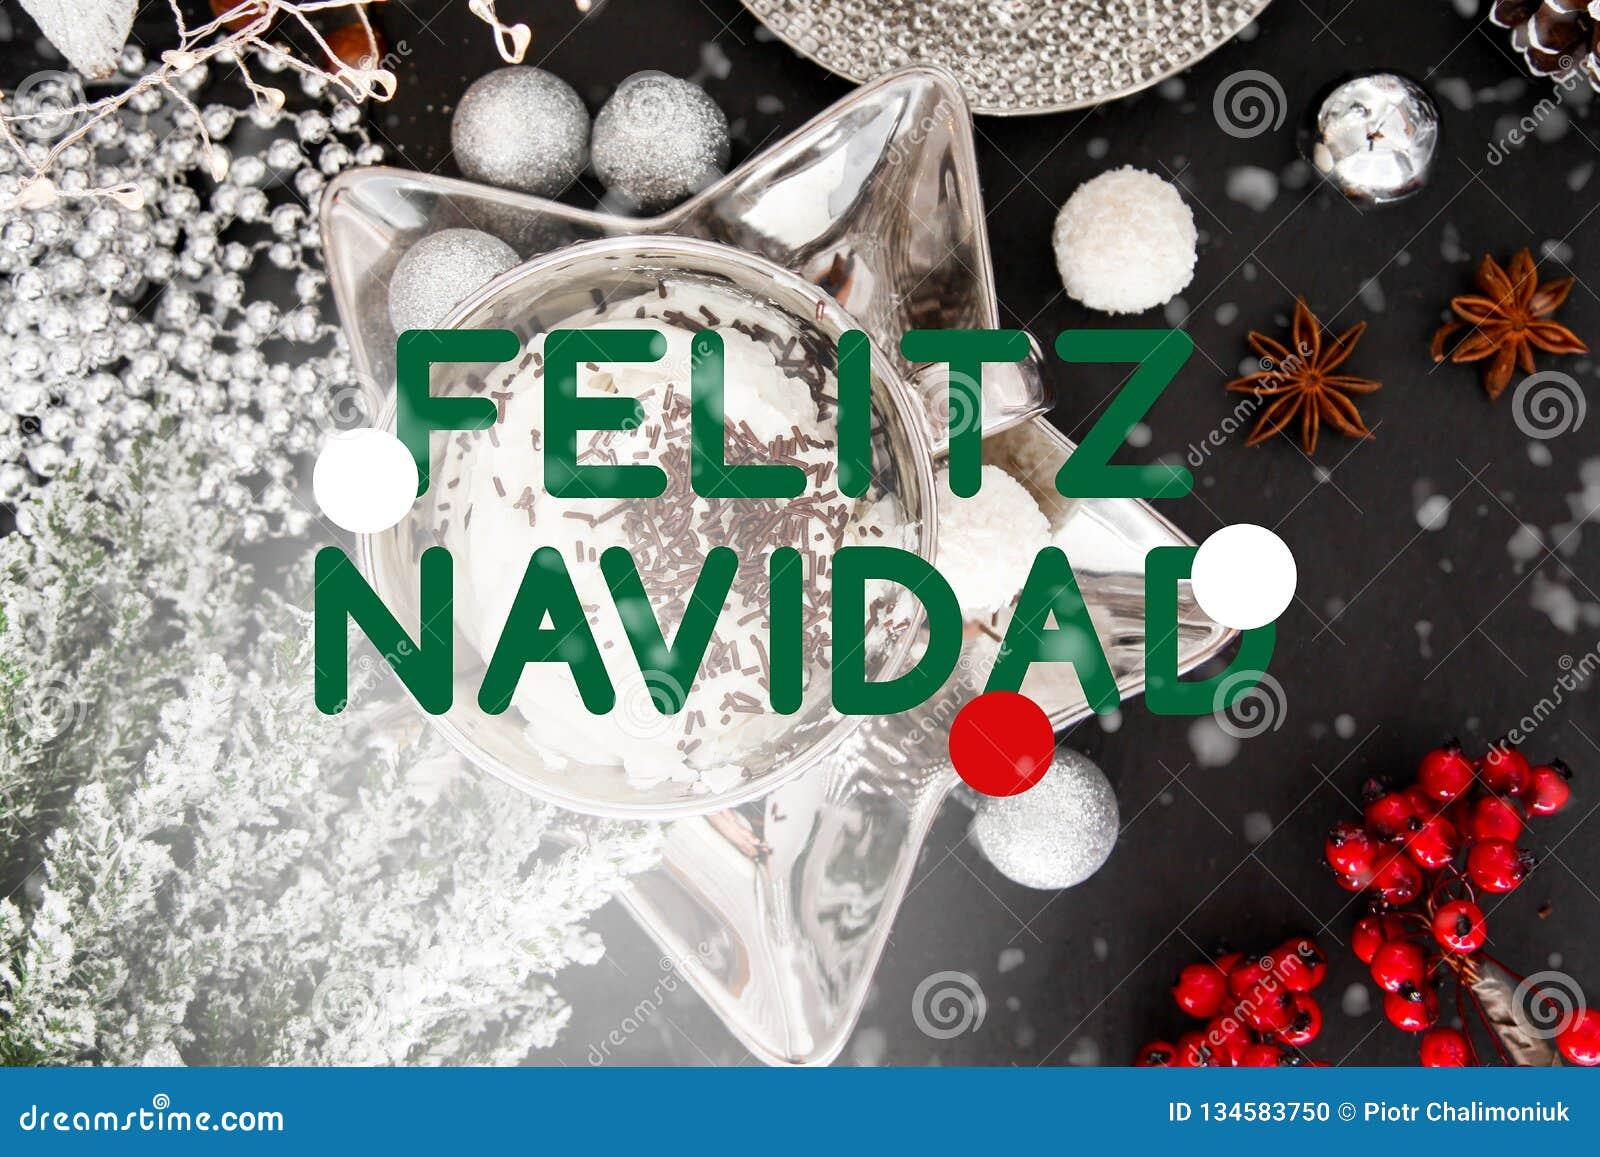 Merry Christmas In Spanish.Spanish Christmas Card Felitz Navidad Spain Table Snow